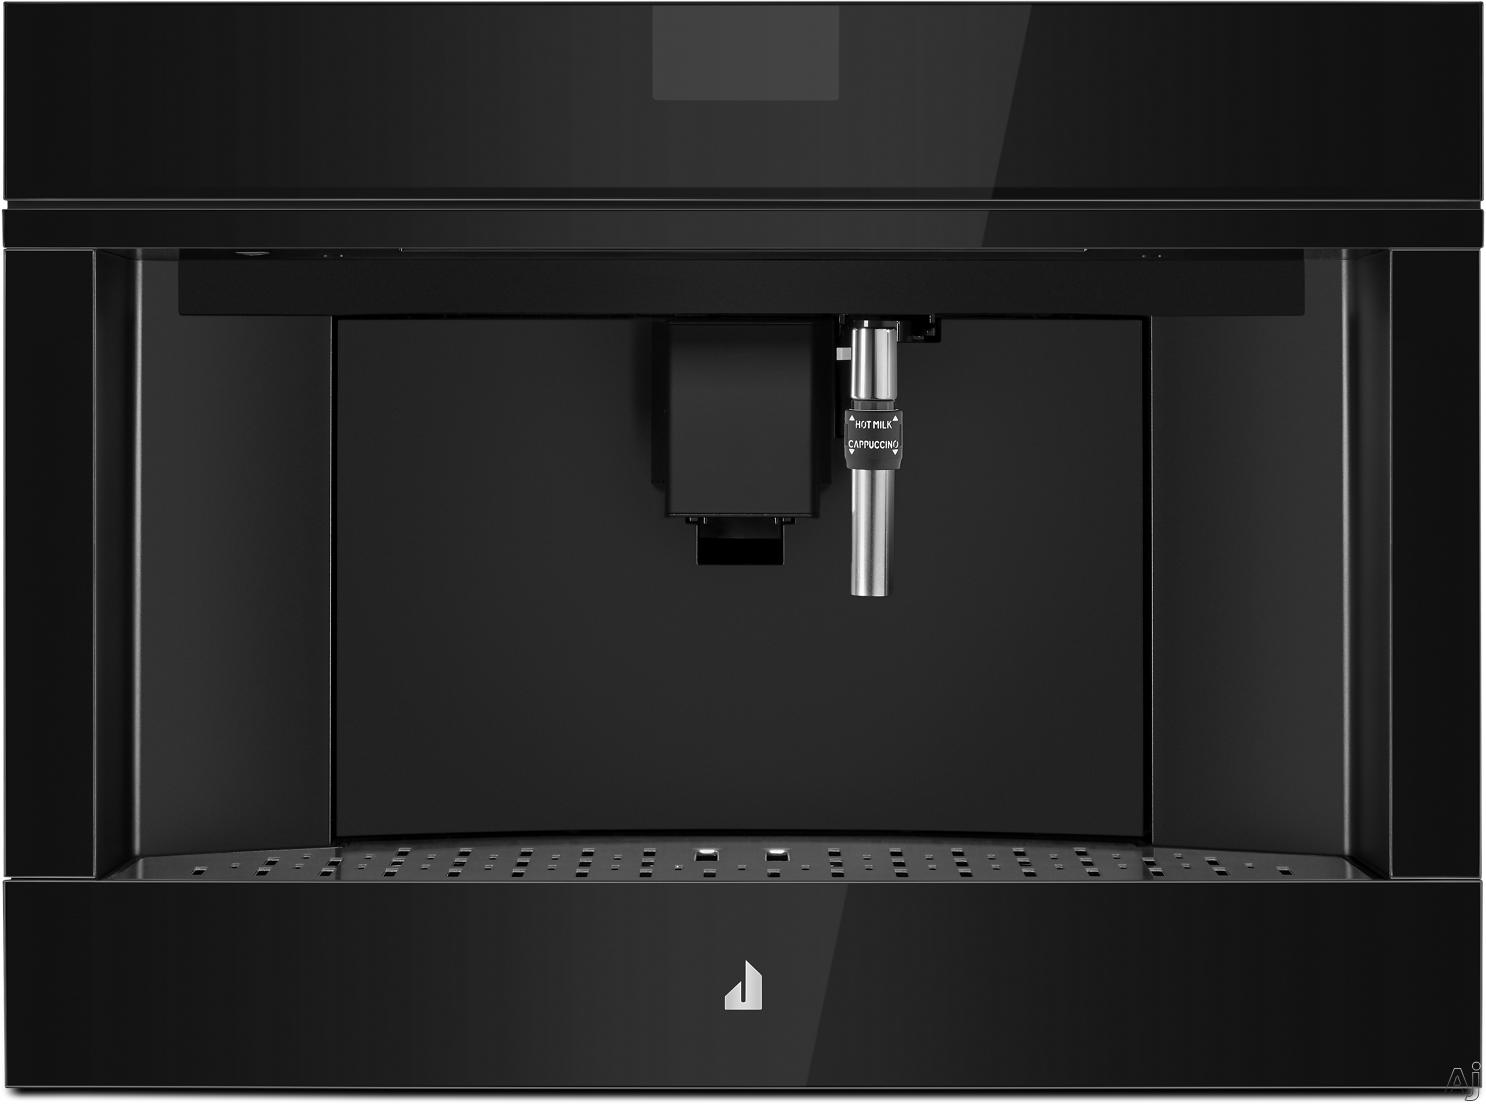 JennAir Noir JJB6424HM Builtin refrigerators, Save